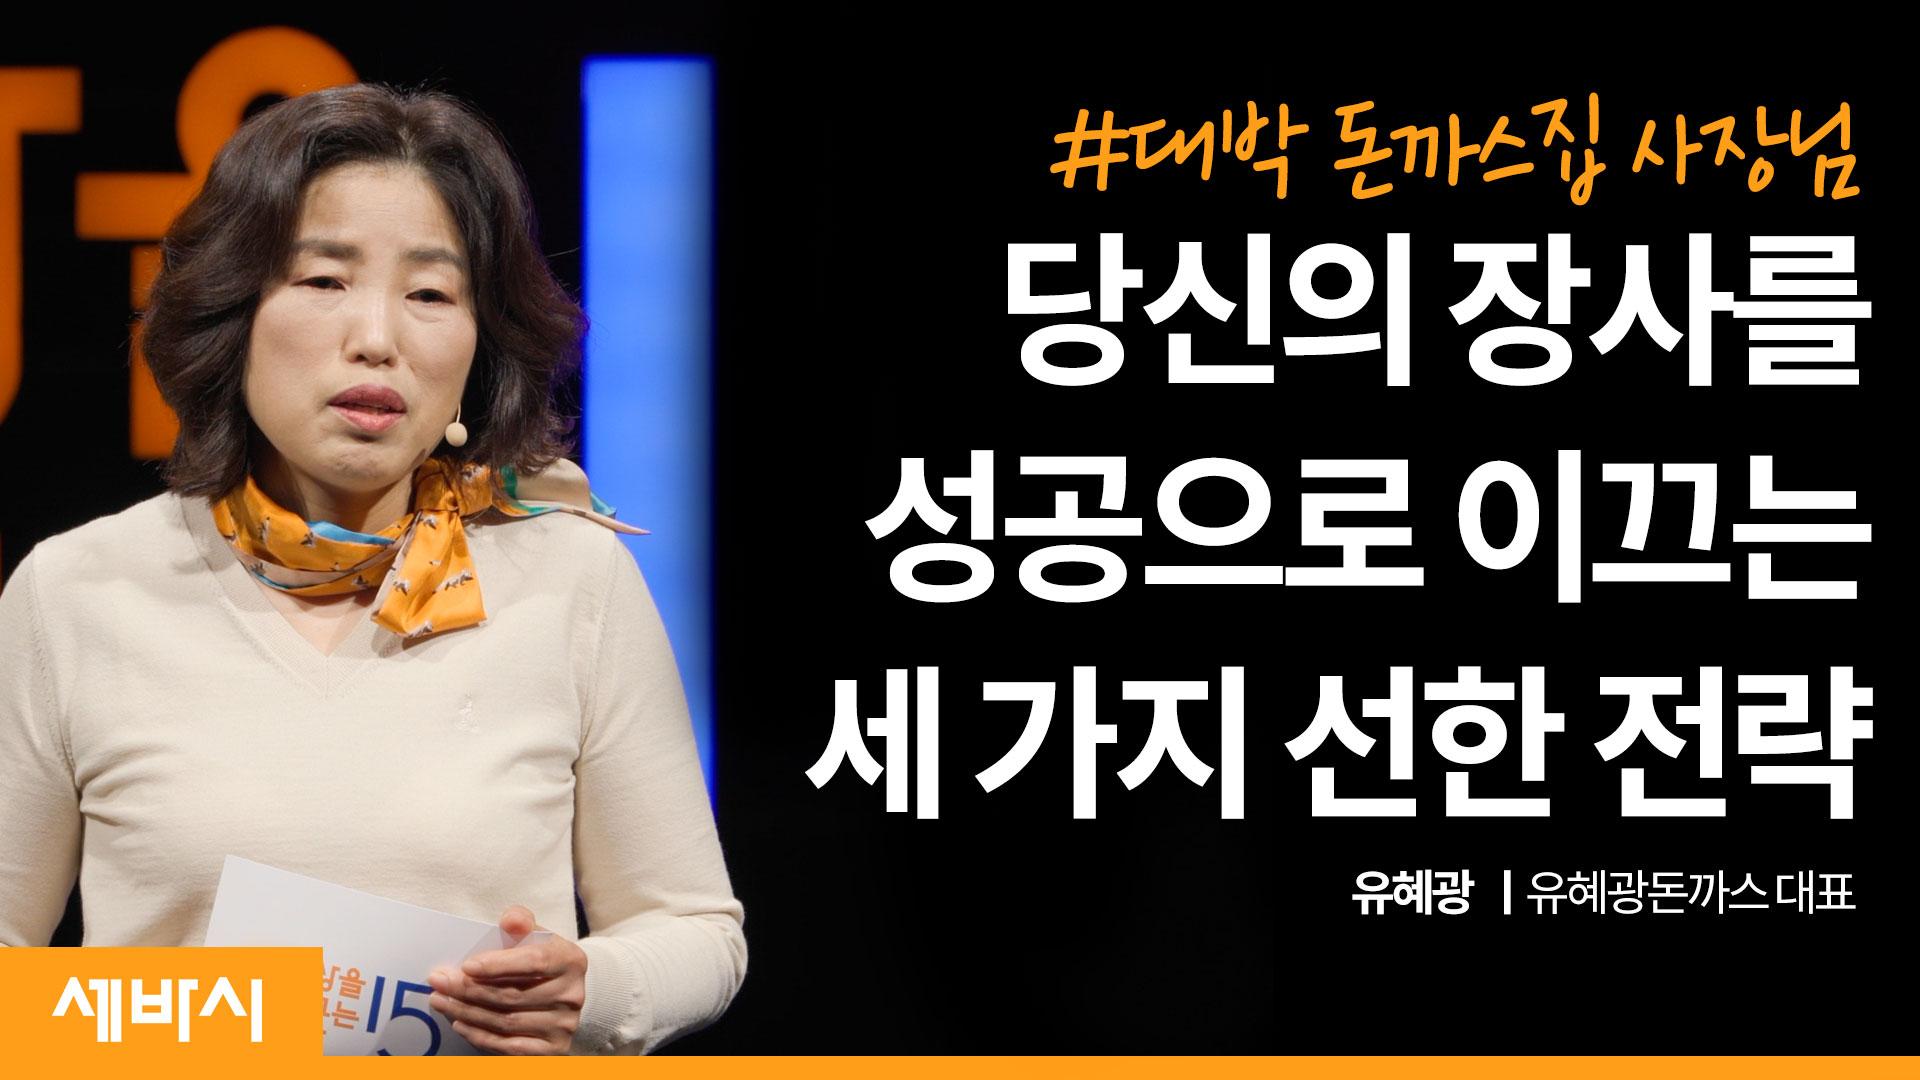 공장에서 일하던 소녀, 연매출 20억의 공장 주인이 되다 -유혜광(유혜광돈까스 대표) /